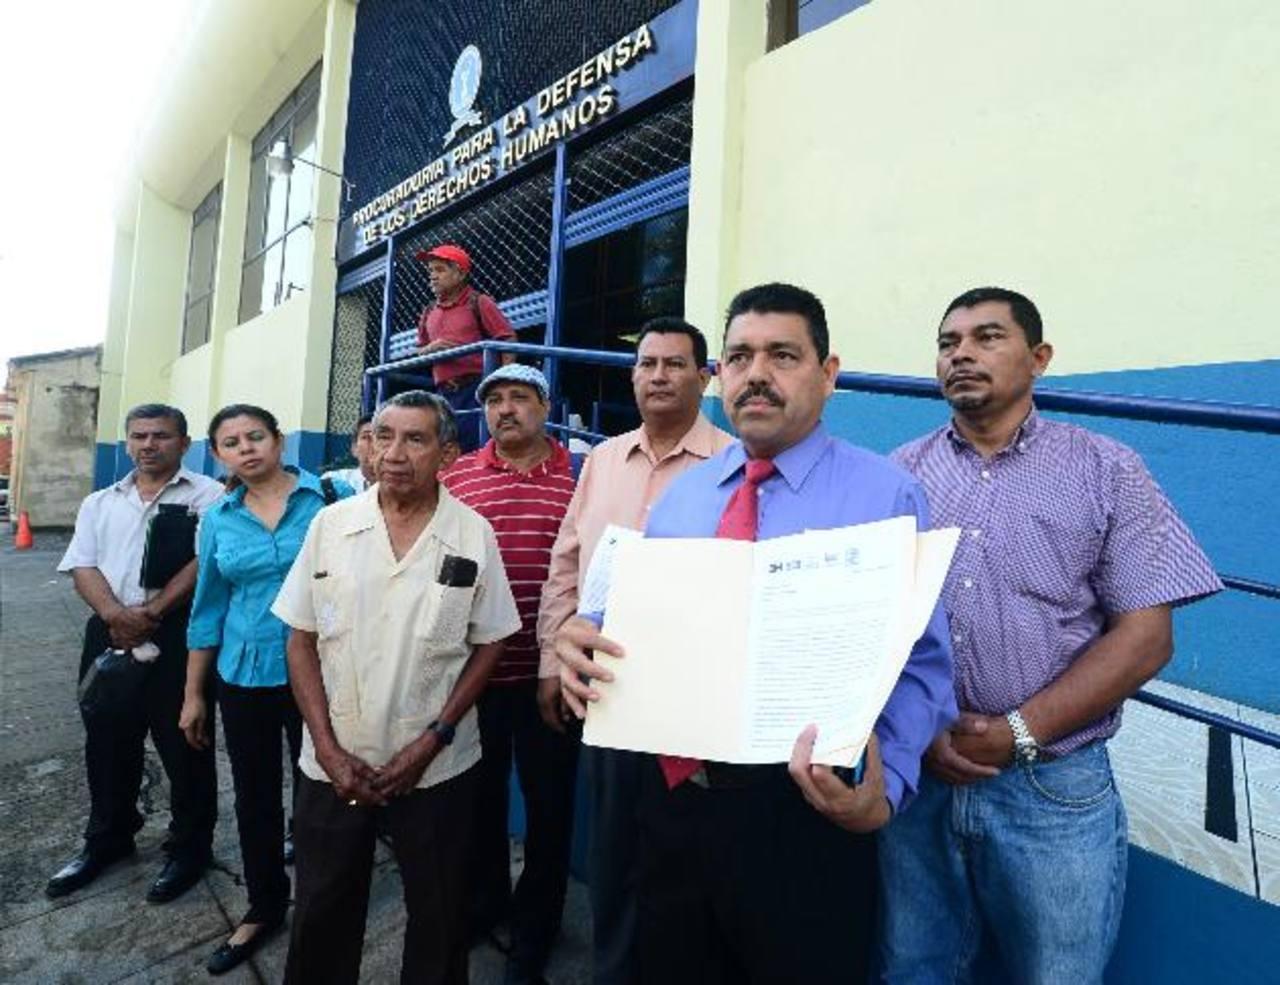 Dirigentes de Bases llegaron ayer por la mañana a la Procuraduría de Derechos Humanos. Foto EDH / Ericka Chávez.